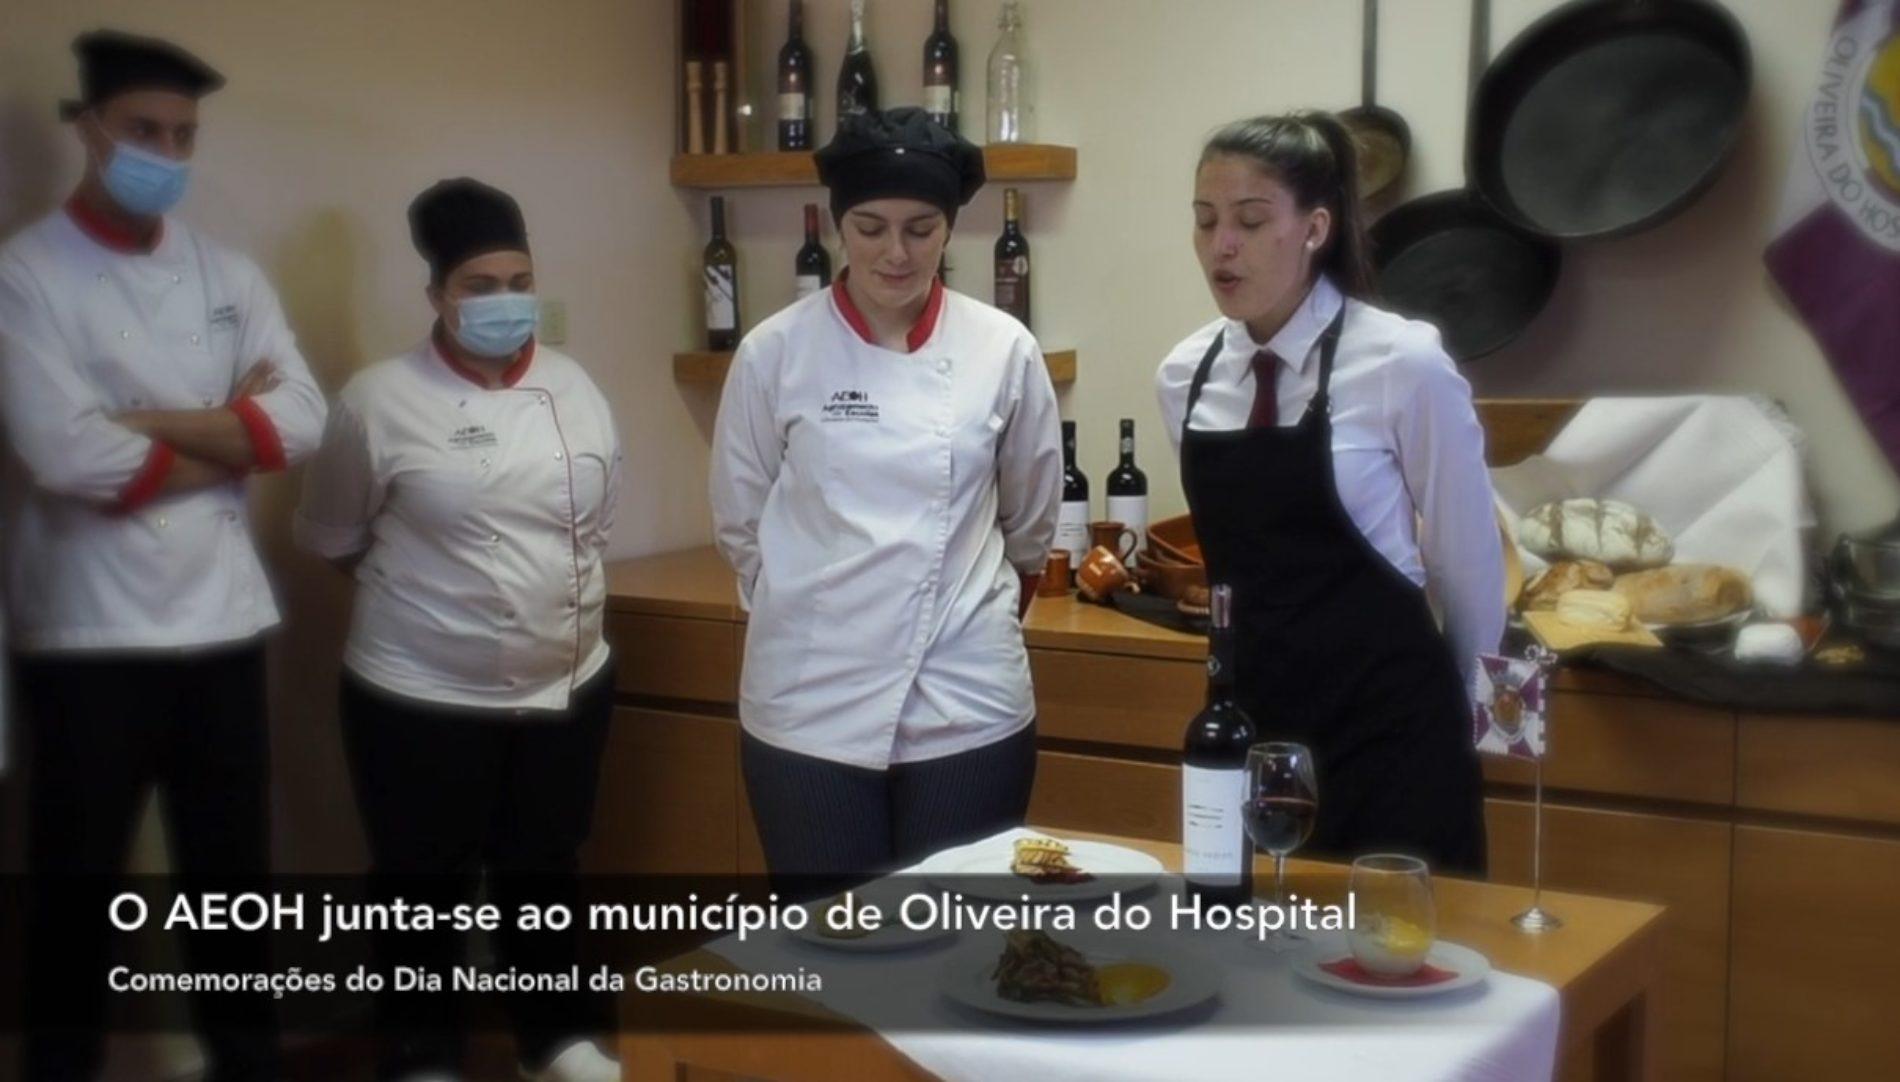 AEOH associa-se às comemorações do Dia Nacional de Gastronomia (com vídeo)